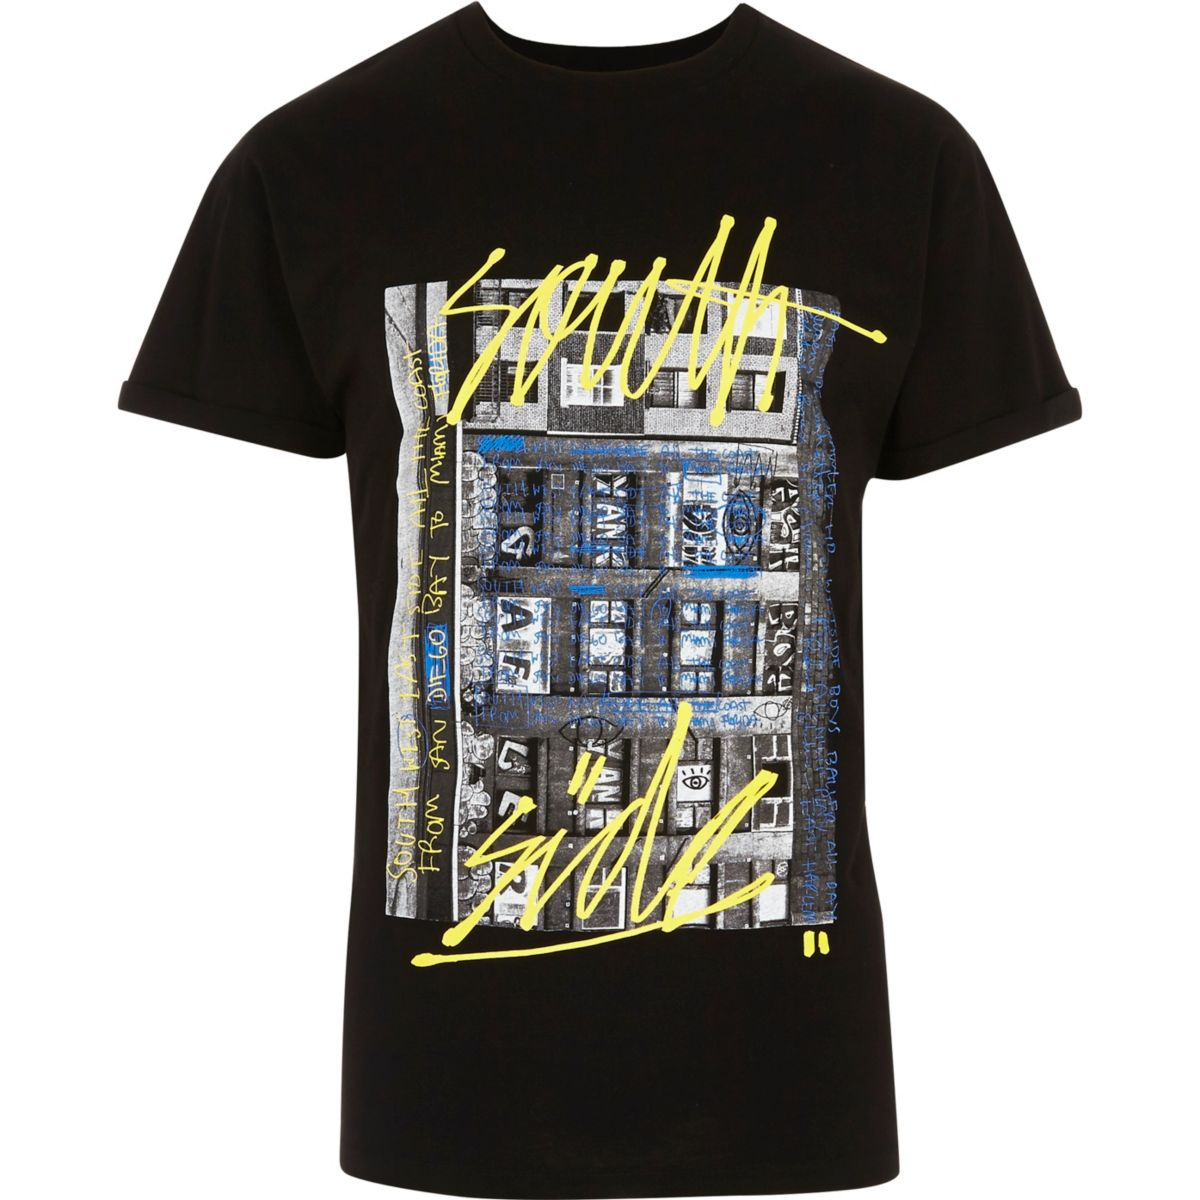 T-shirt à imprimé graffiti noir